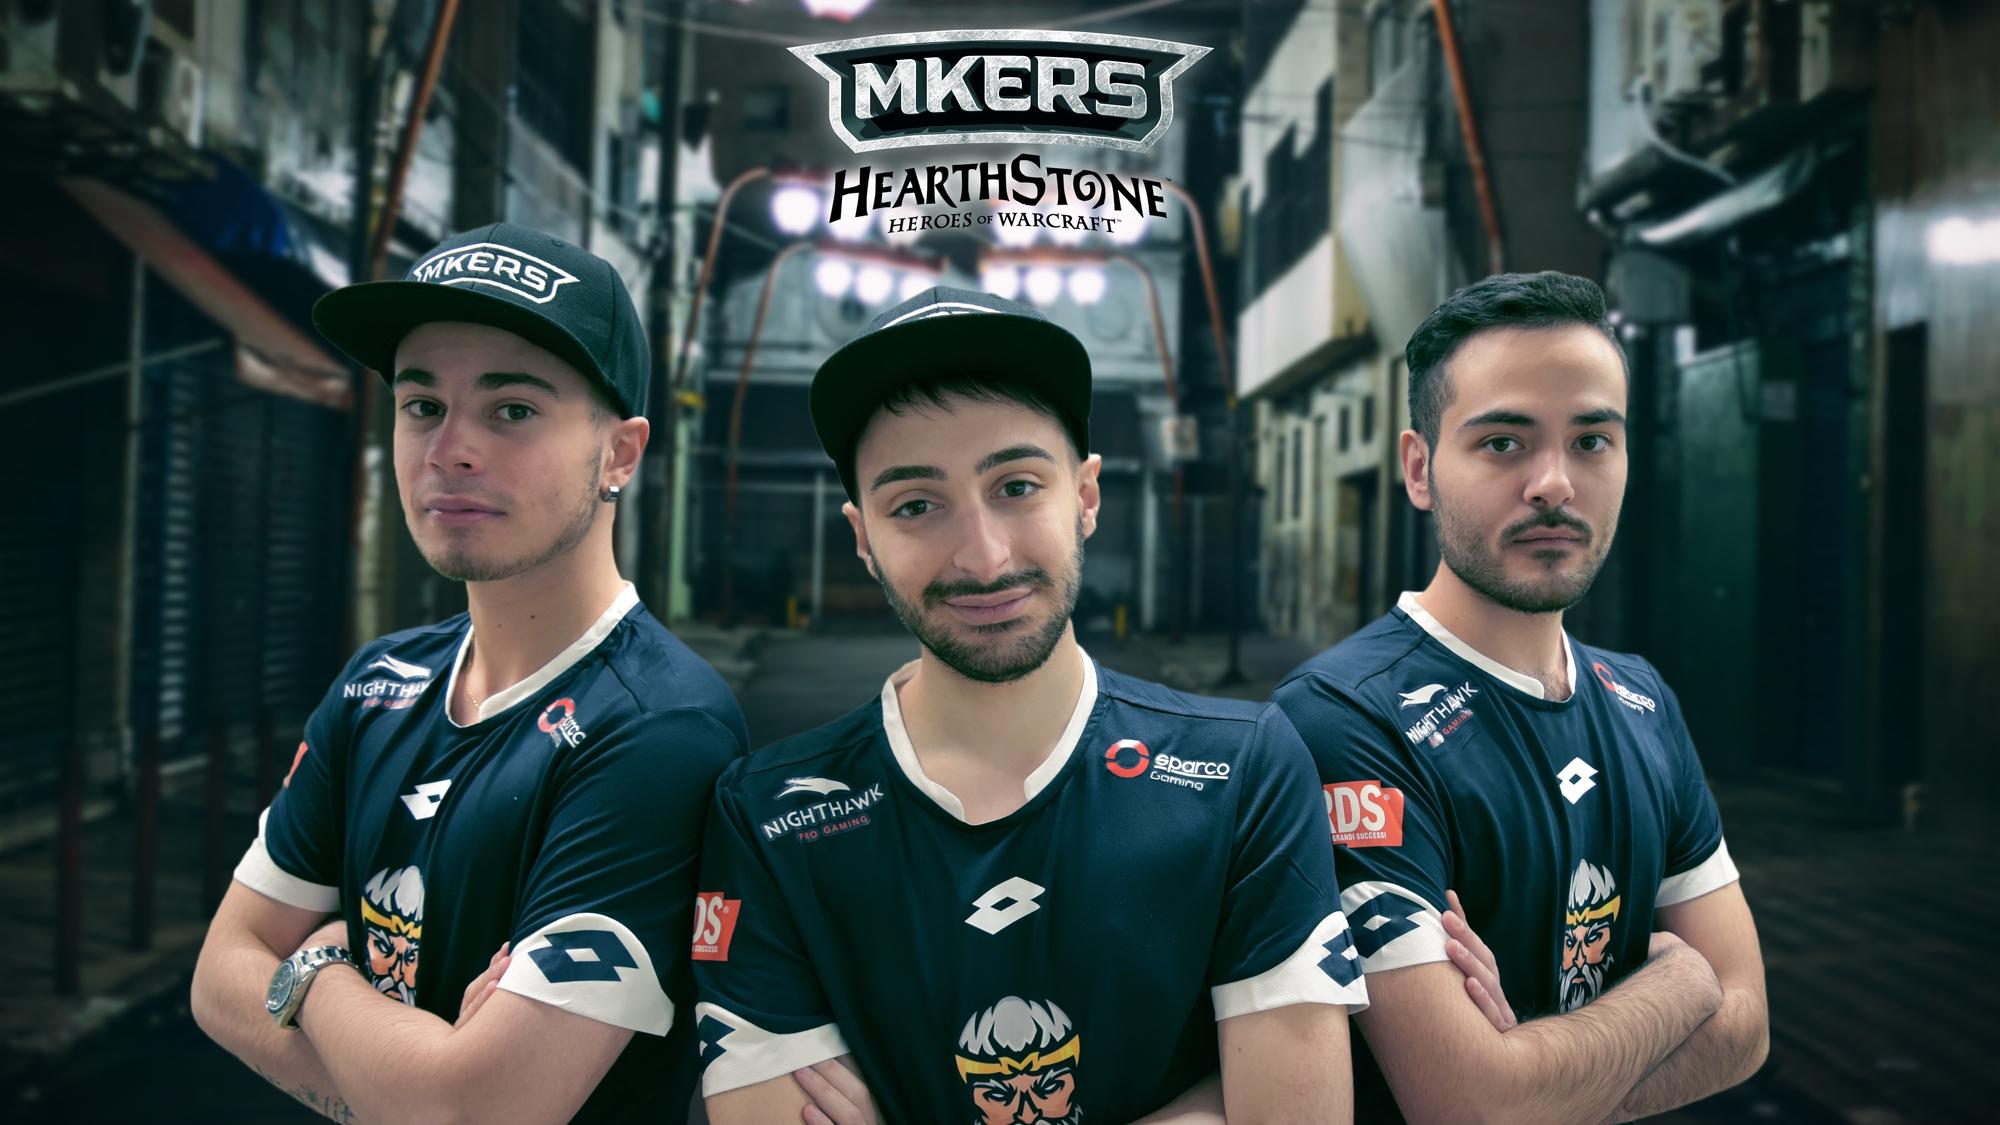 Hearthstone: Mkers porta il suo nuovo team alla HCT Oslo Tour Stop thumbnail